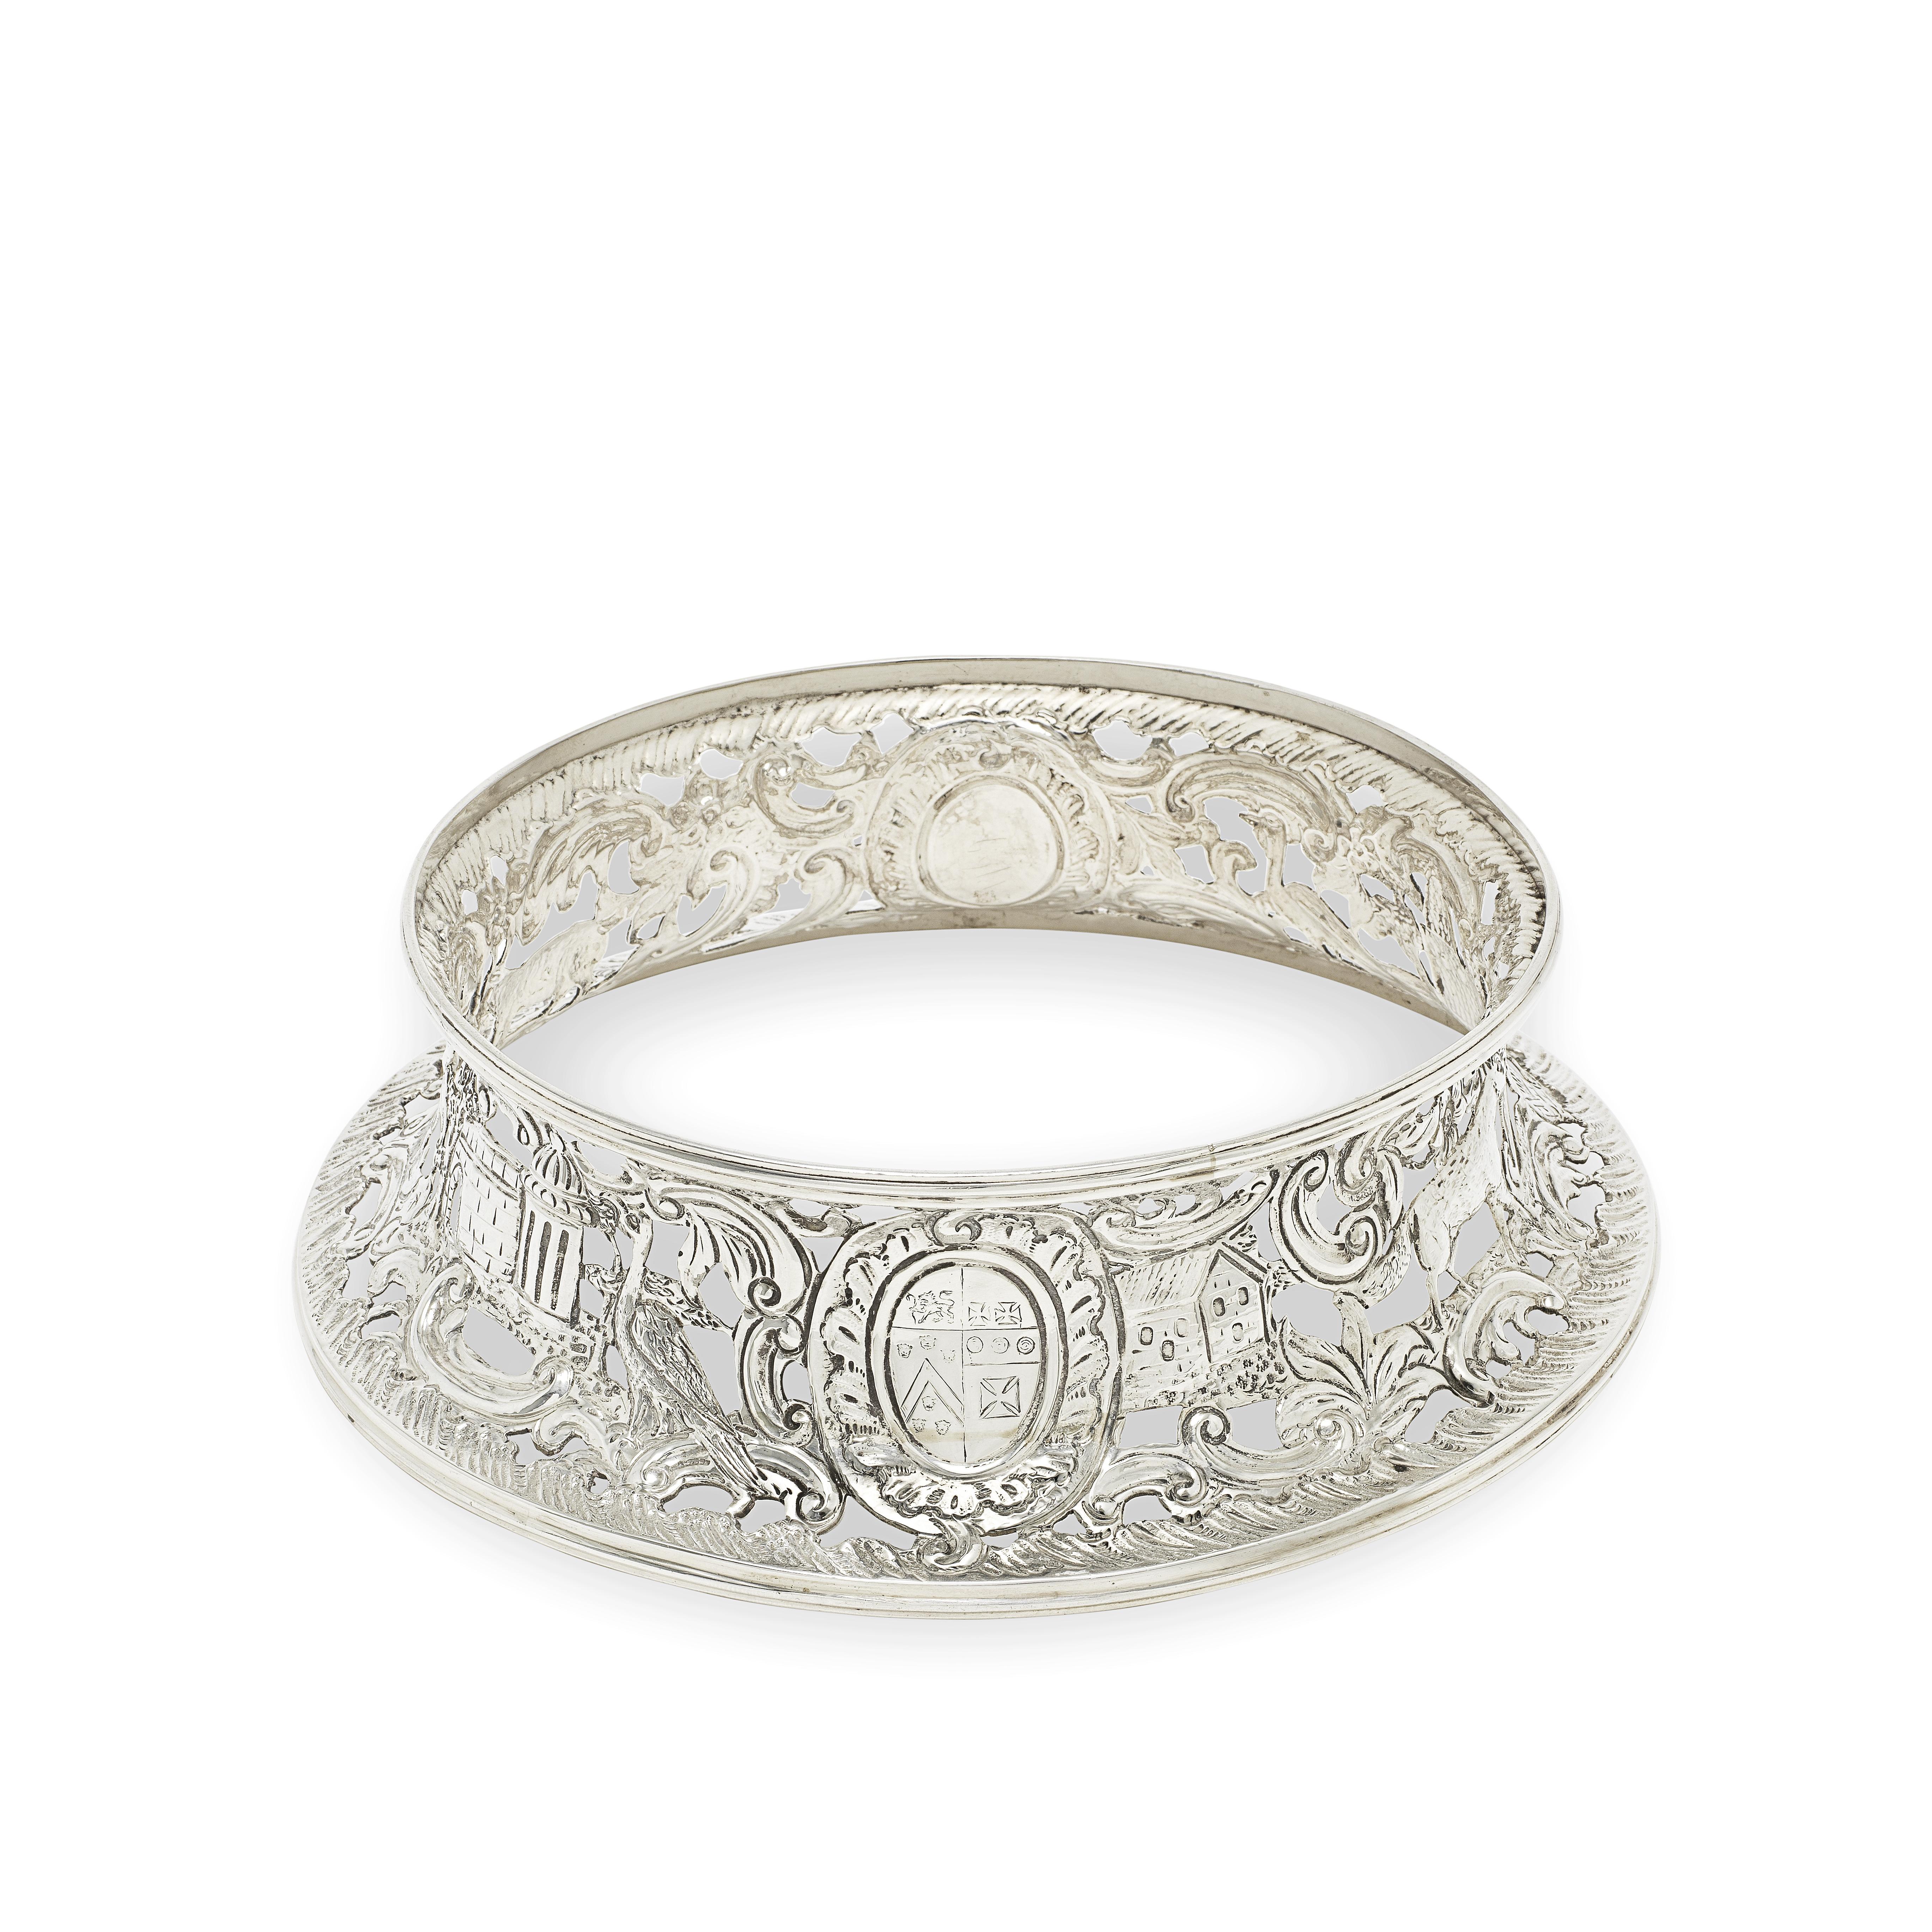 A George III Irish silver dish ring Richard Williams, Dublin 1771